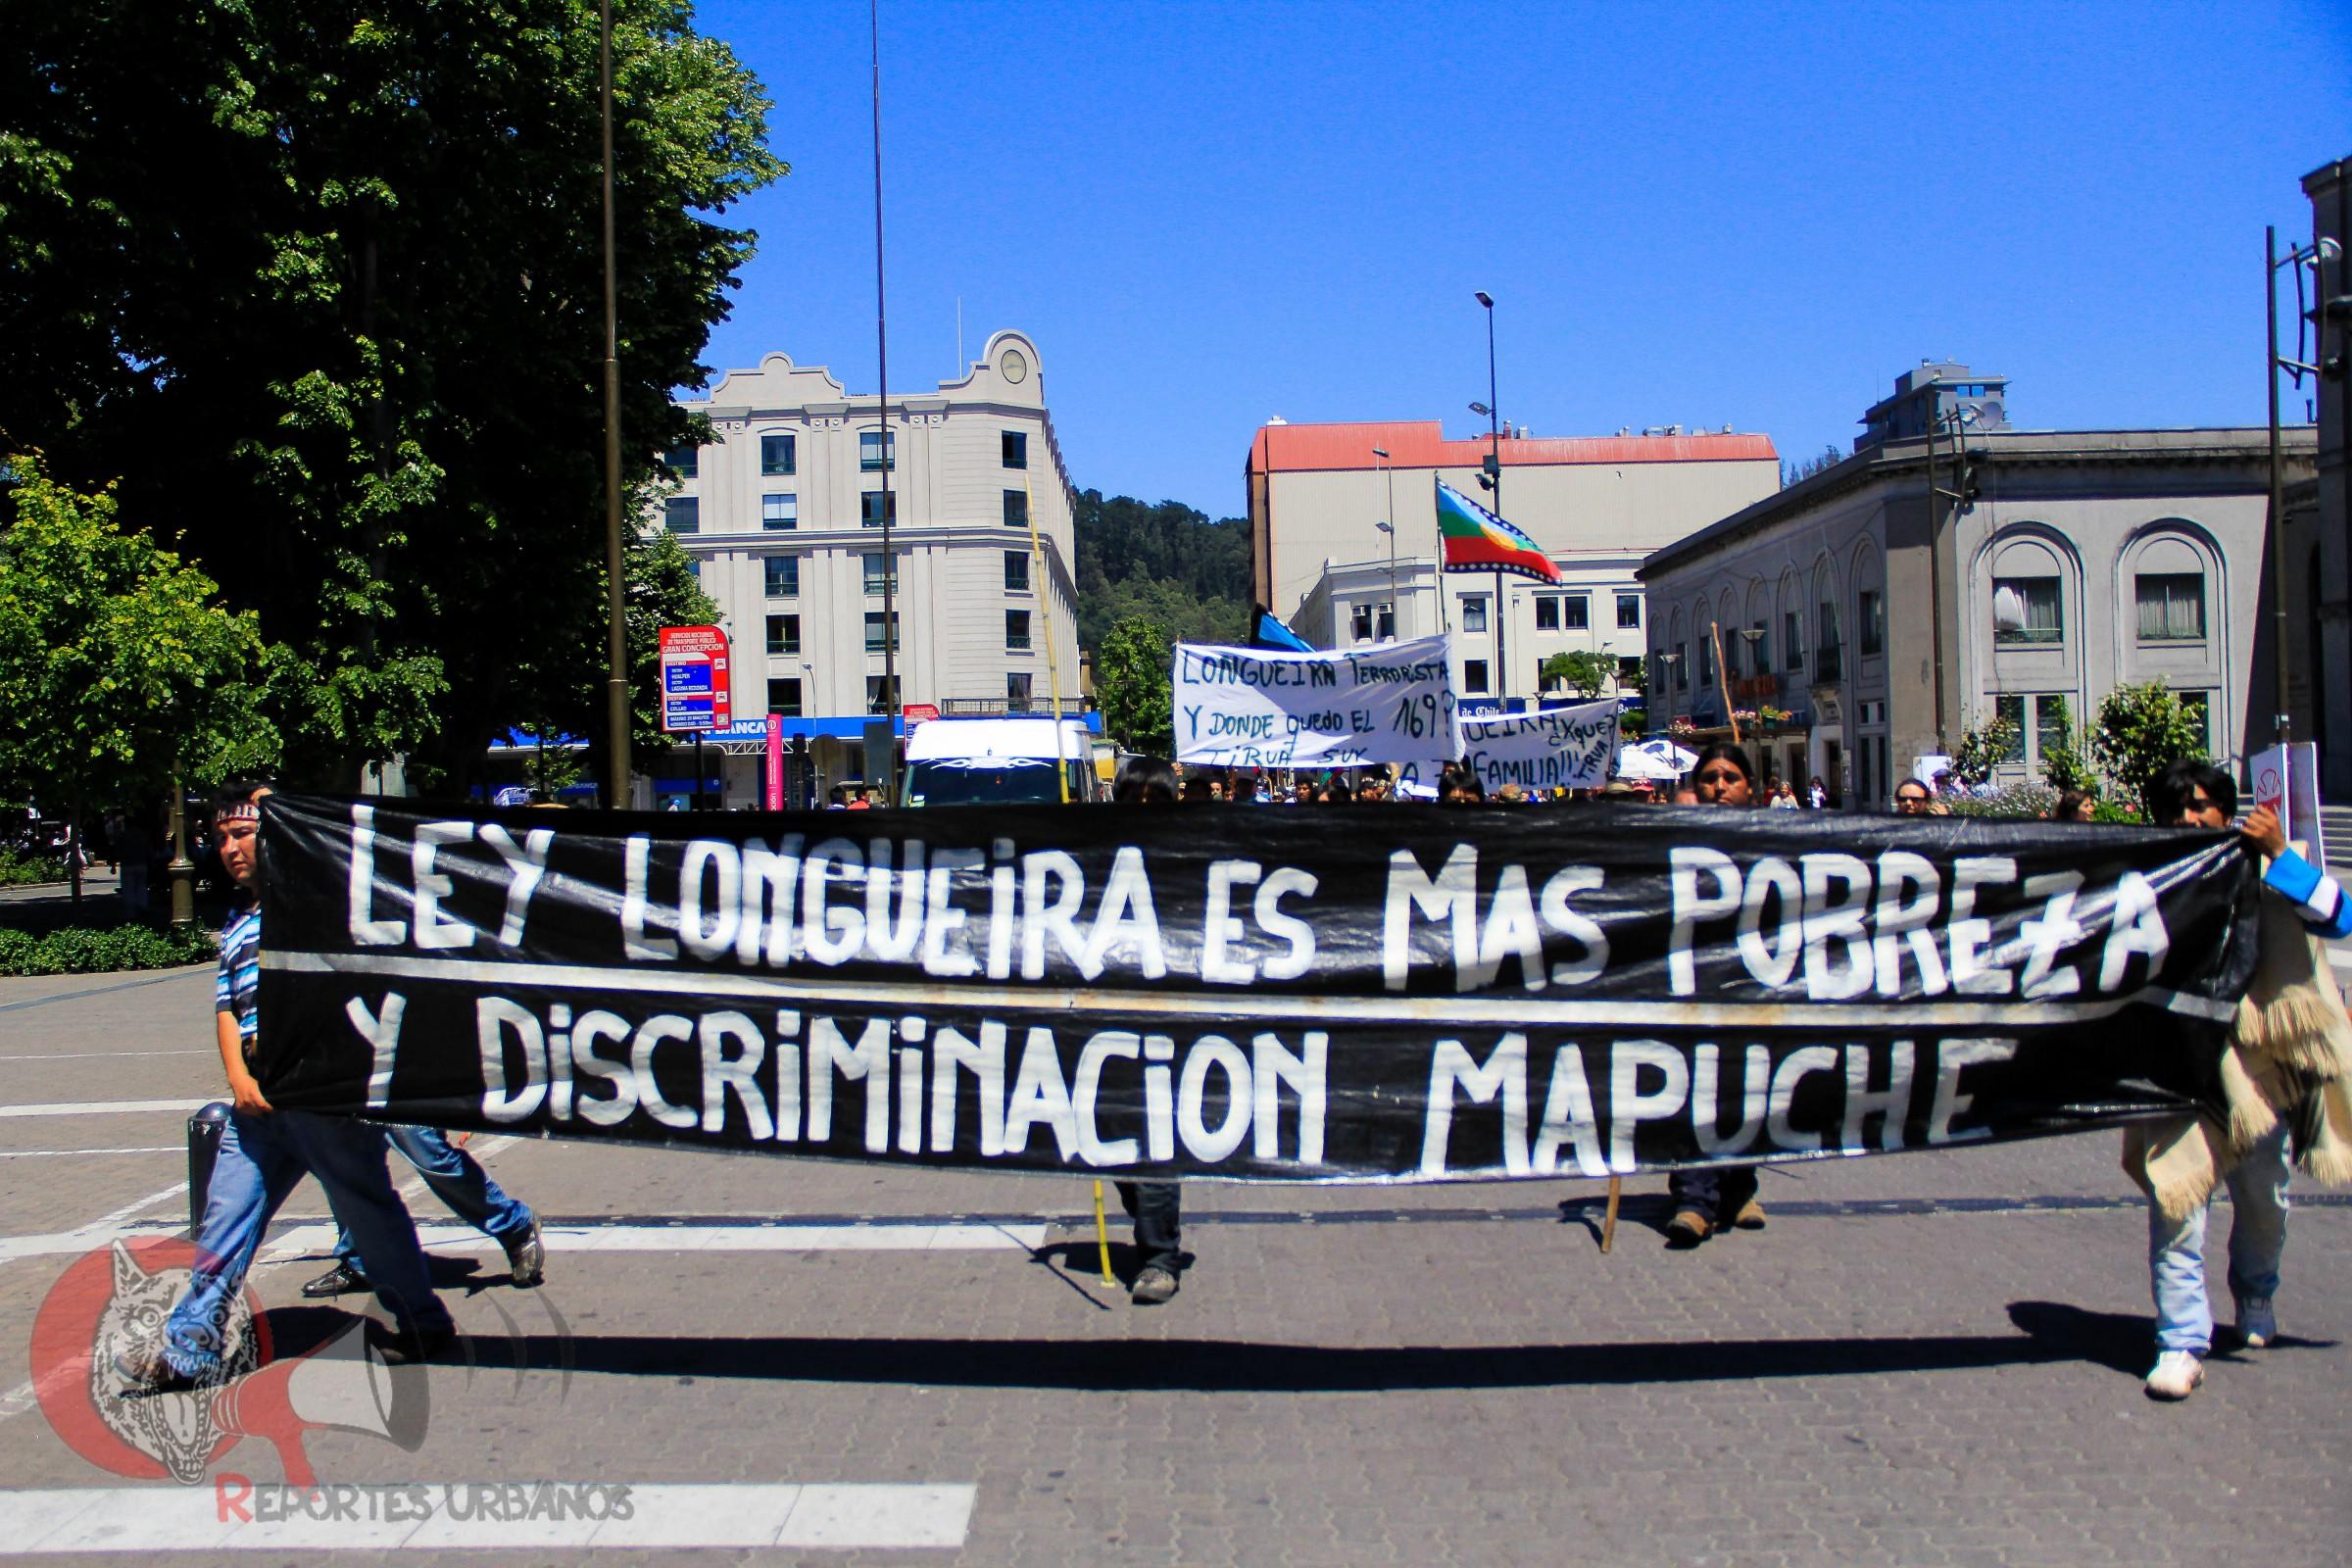 mapuche-leylongueira